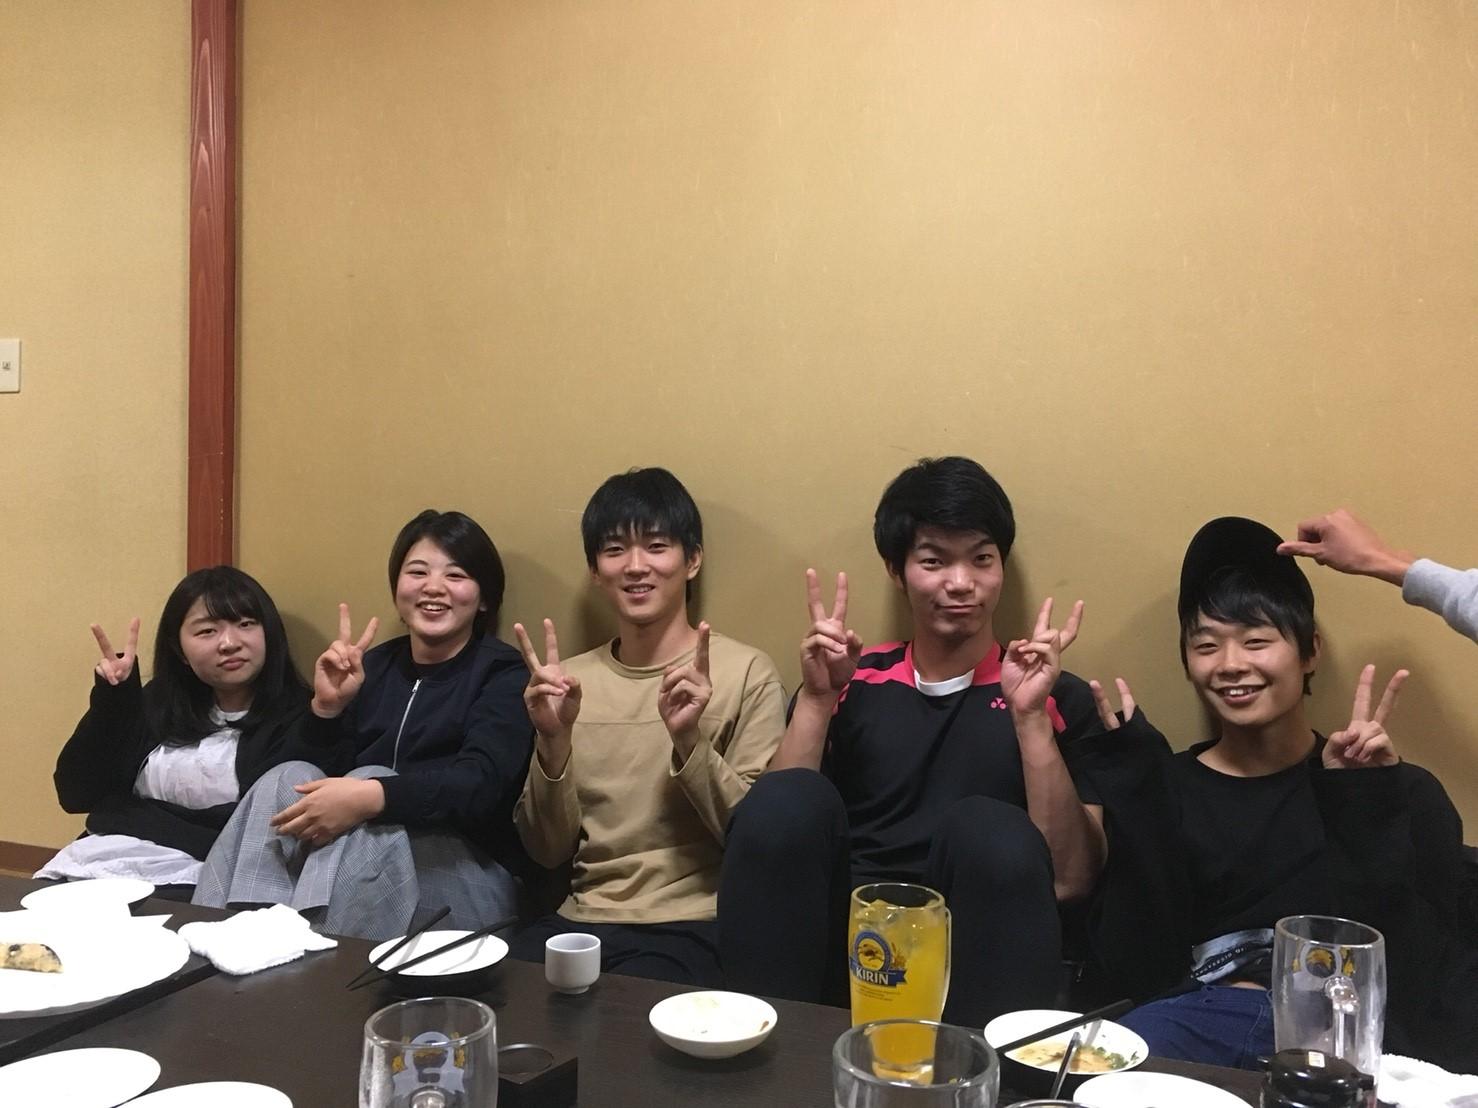 門田先生お誕生日会 20180918_190127_0025